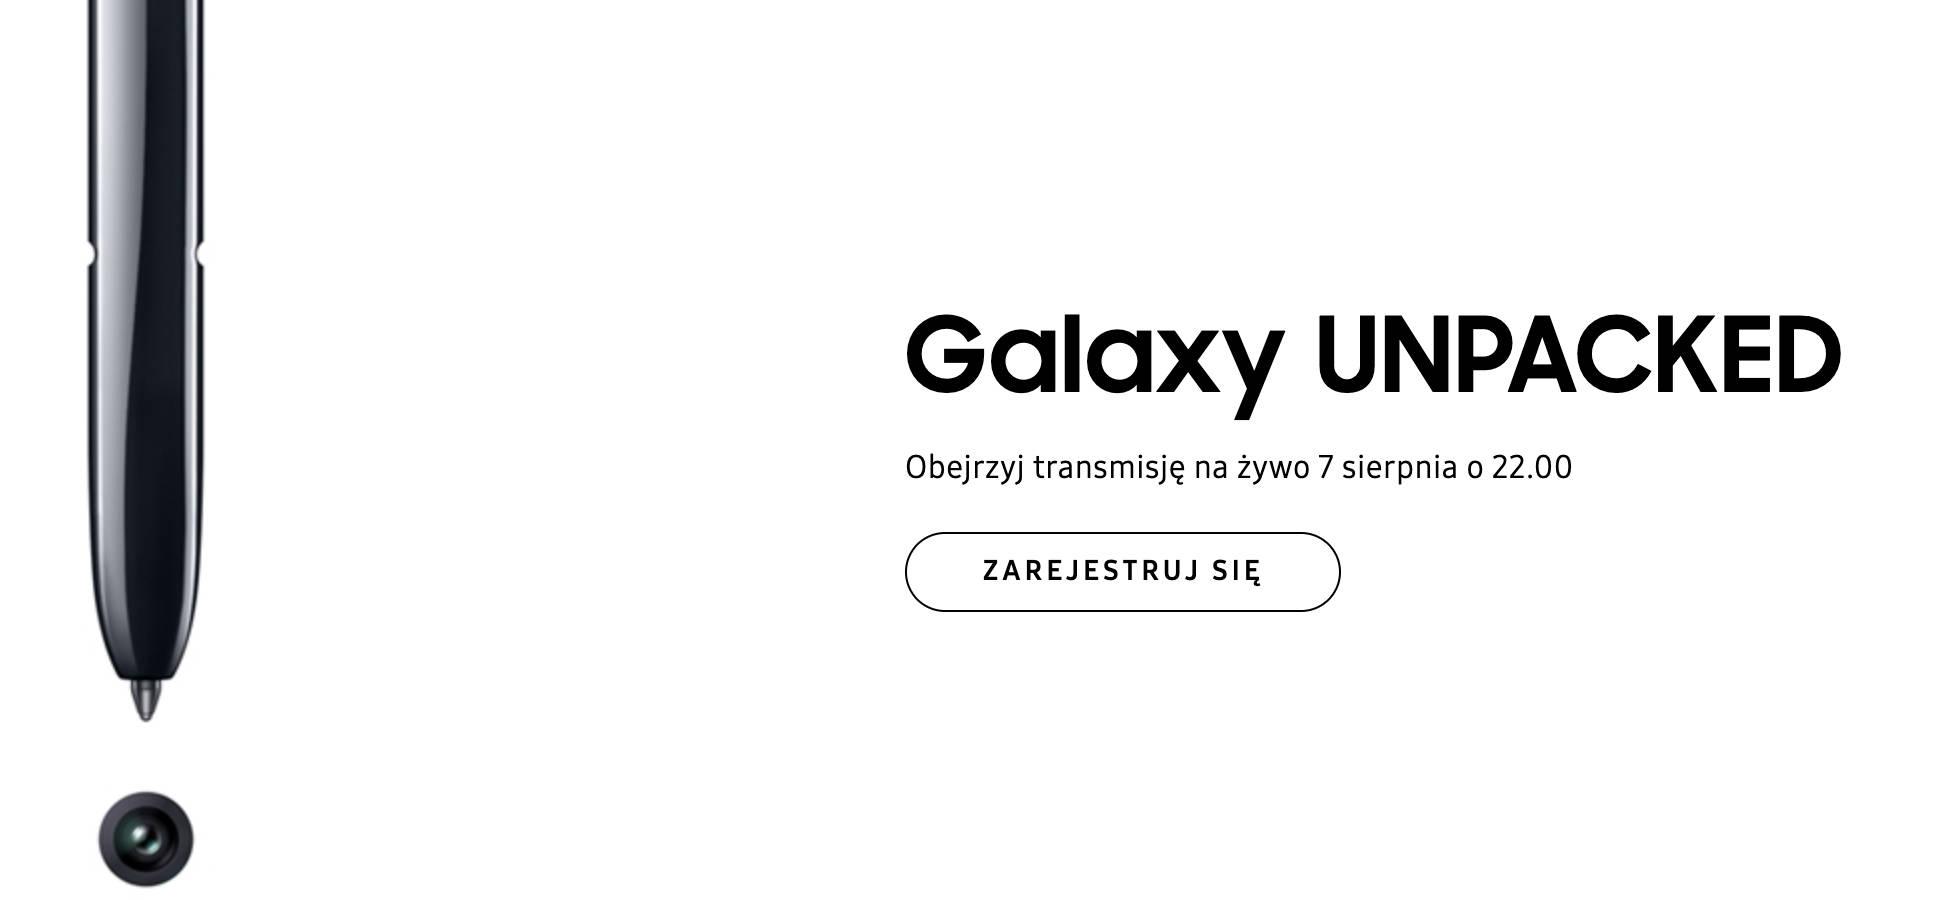 Samsung Galaxy Note 10 gdzie oglądać live stream z Unpacked plotki przecieki wycieki konferencja